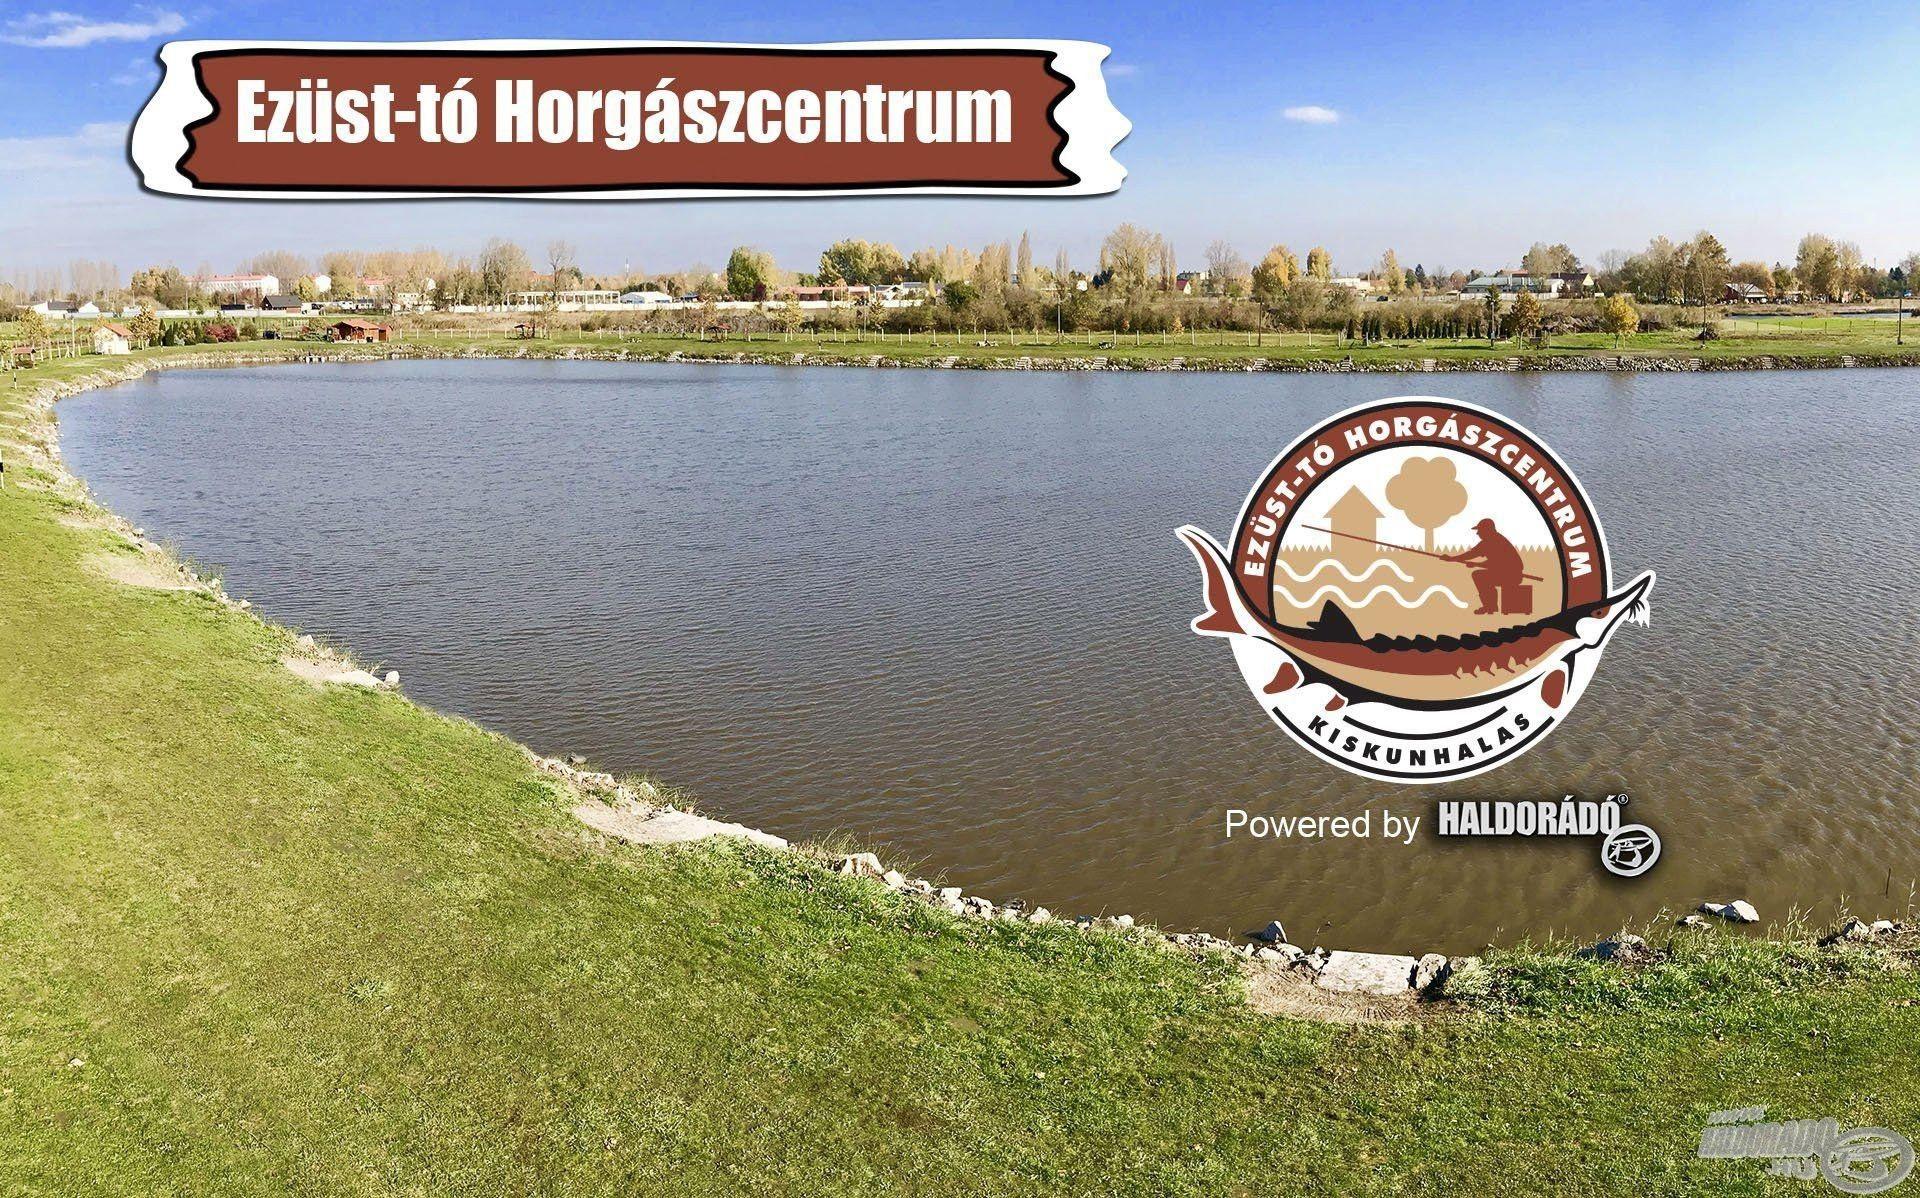 A versenysorozatnak idén is az Ezüst-tó Horgászcentrum ad otthont